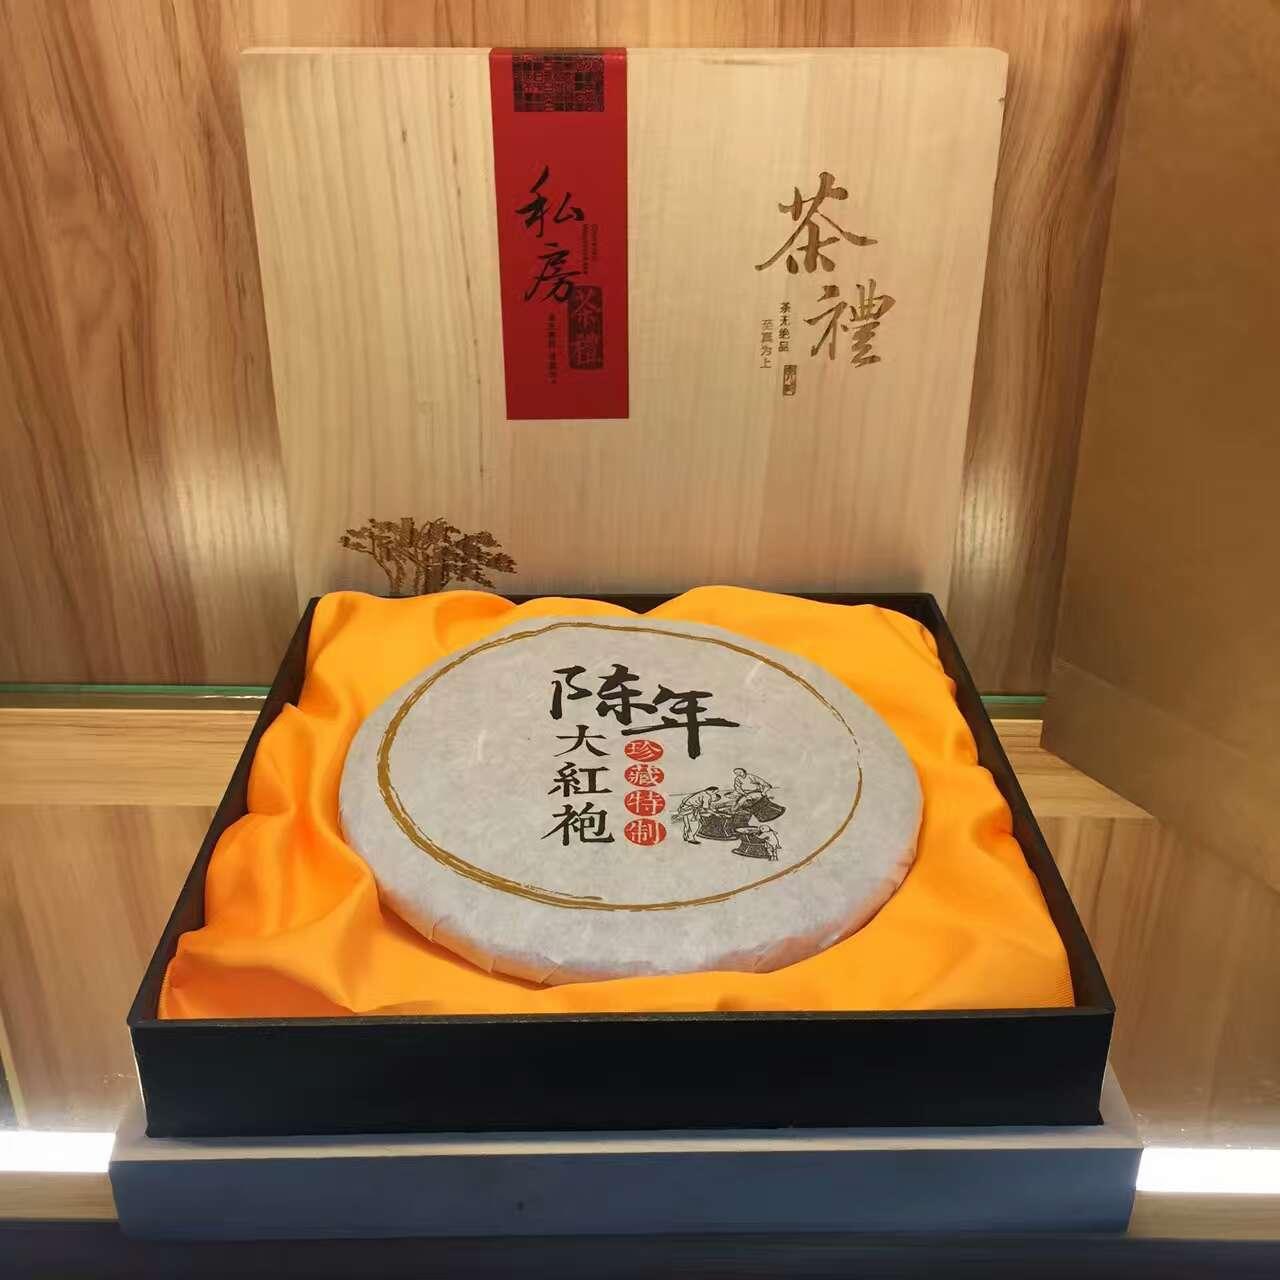 来自李健林发布的供应信息:... - 武夷山市闽岩生态茶叶文化有限公司